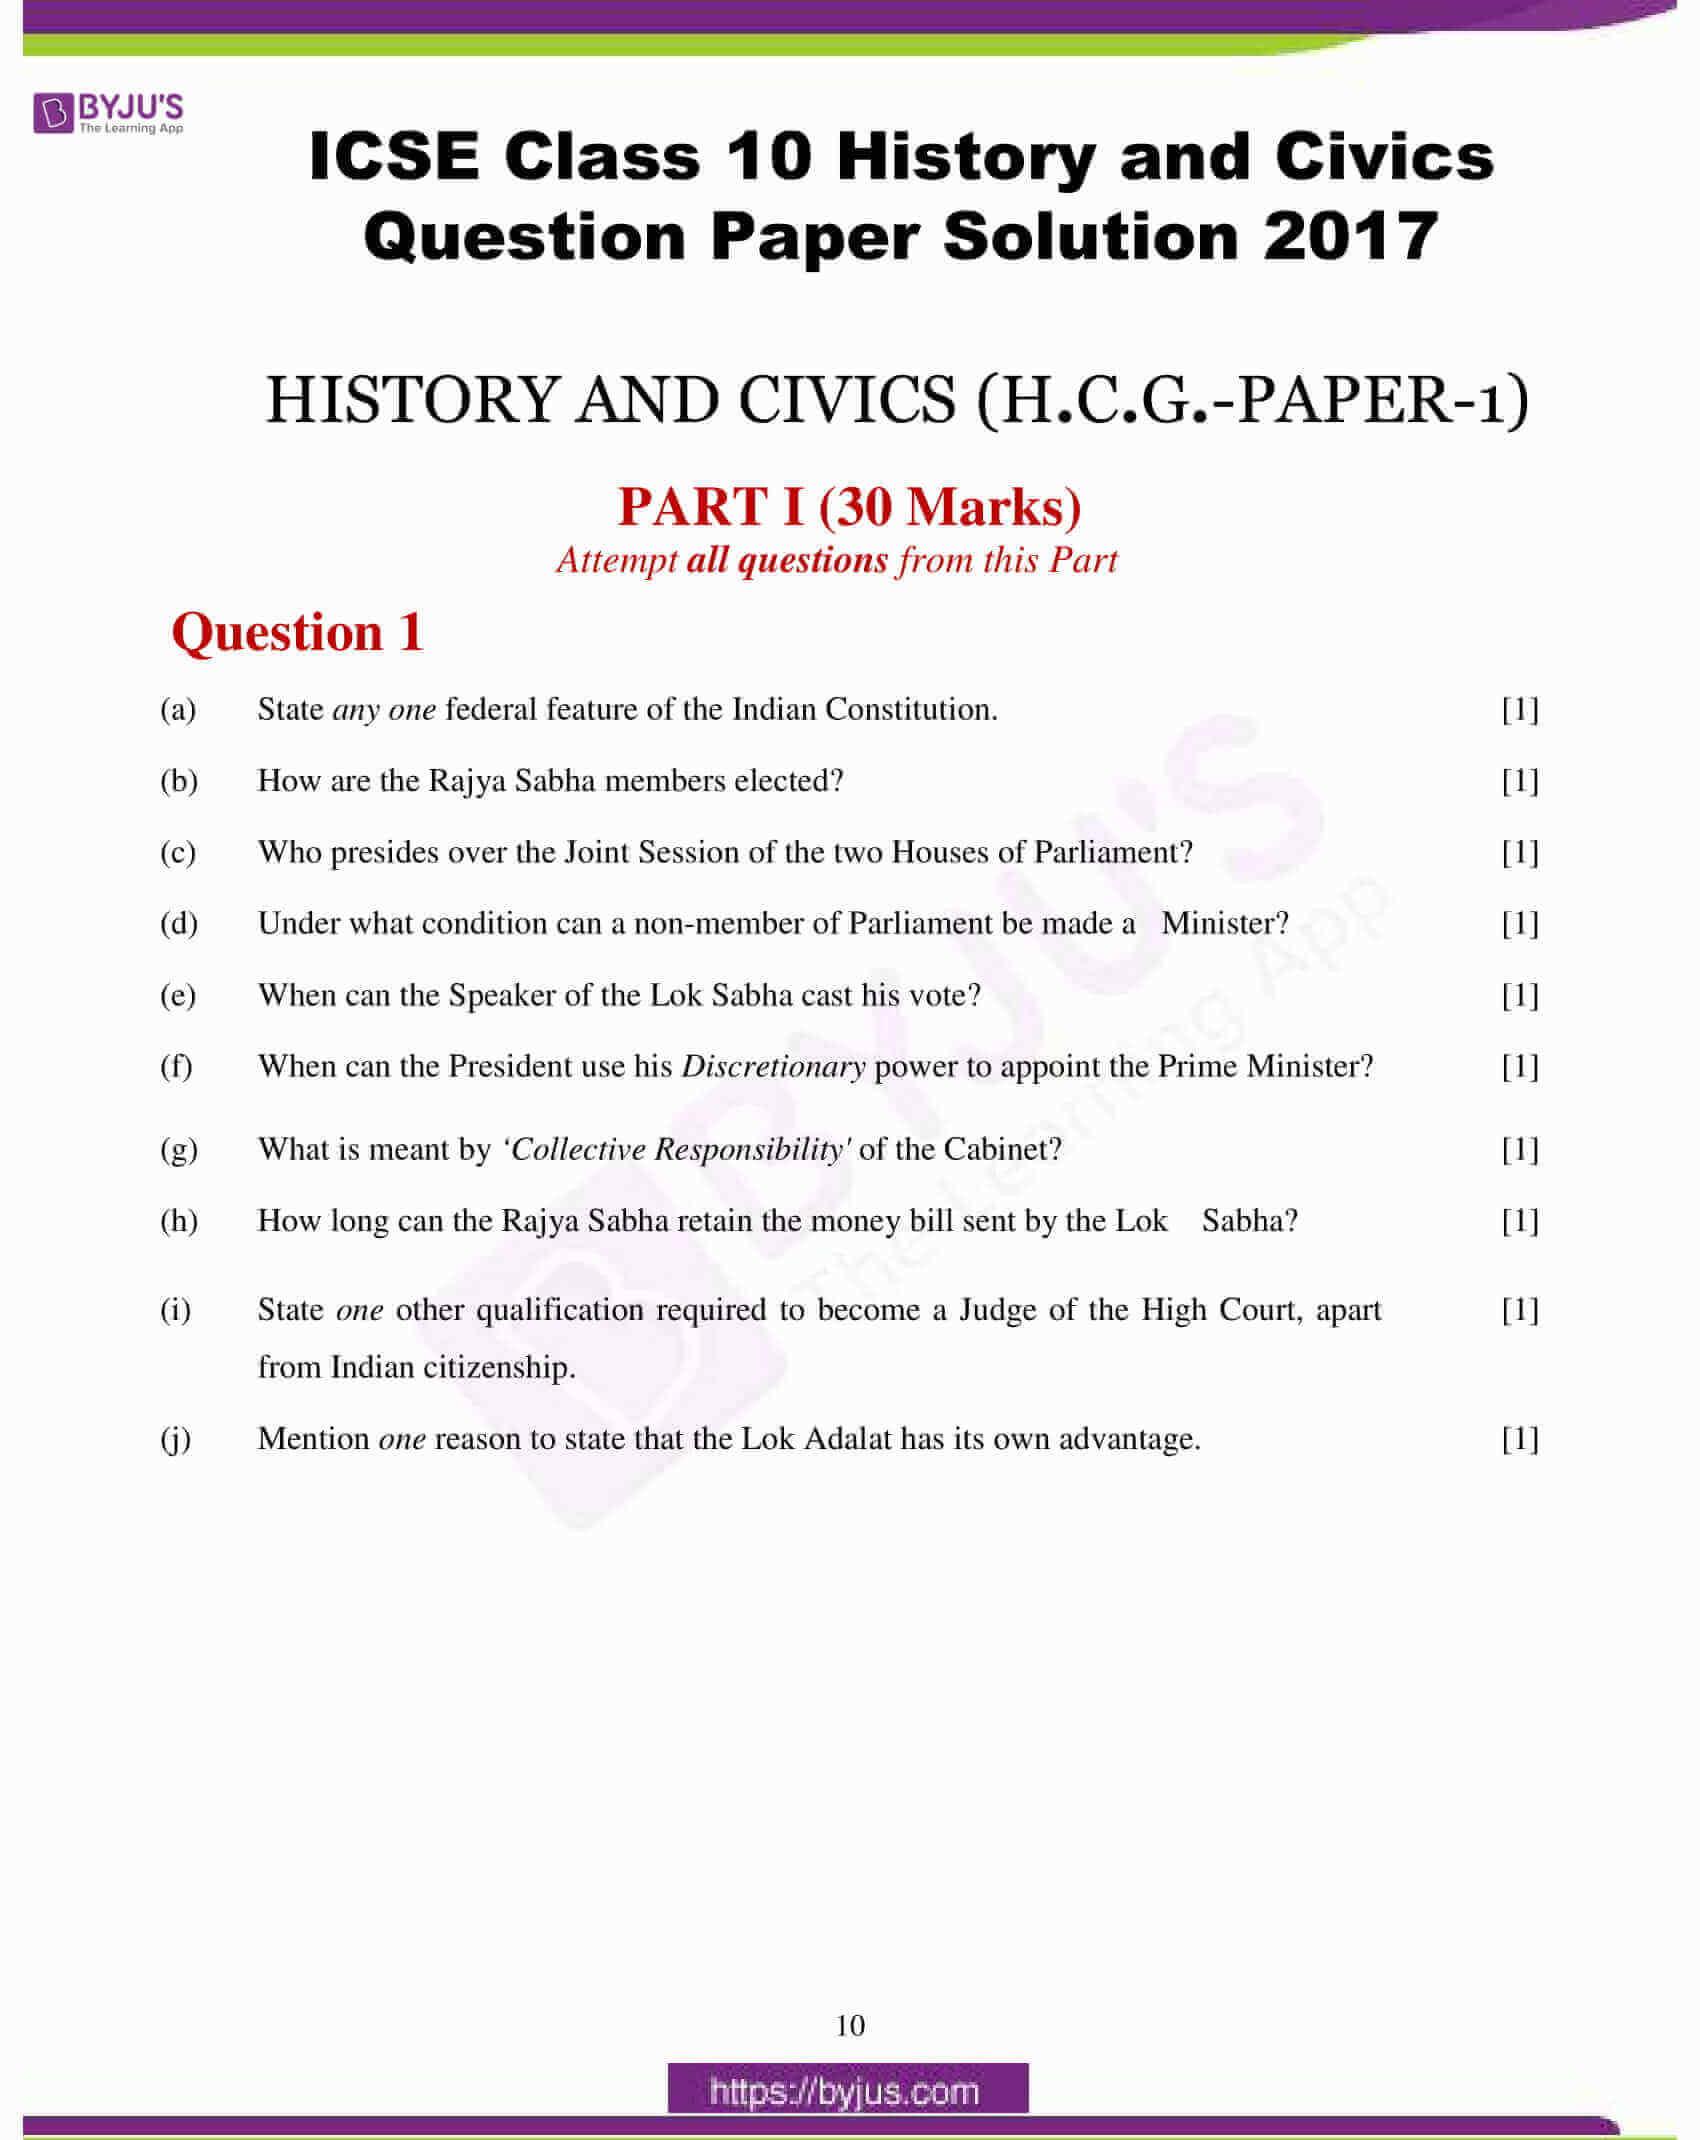 icse class 10 history civics question paper solution 2017 01